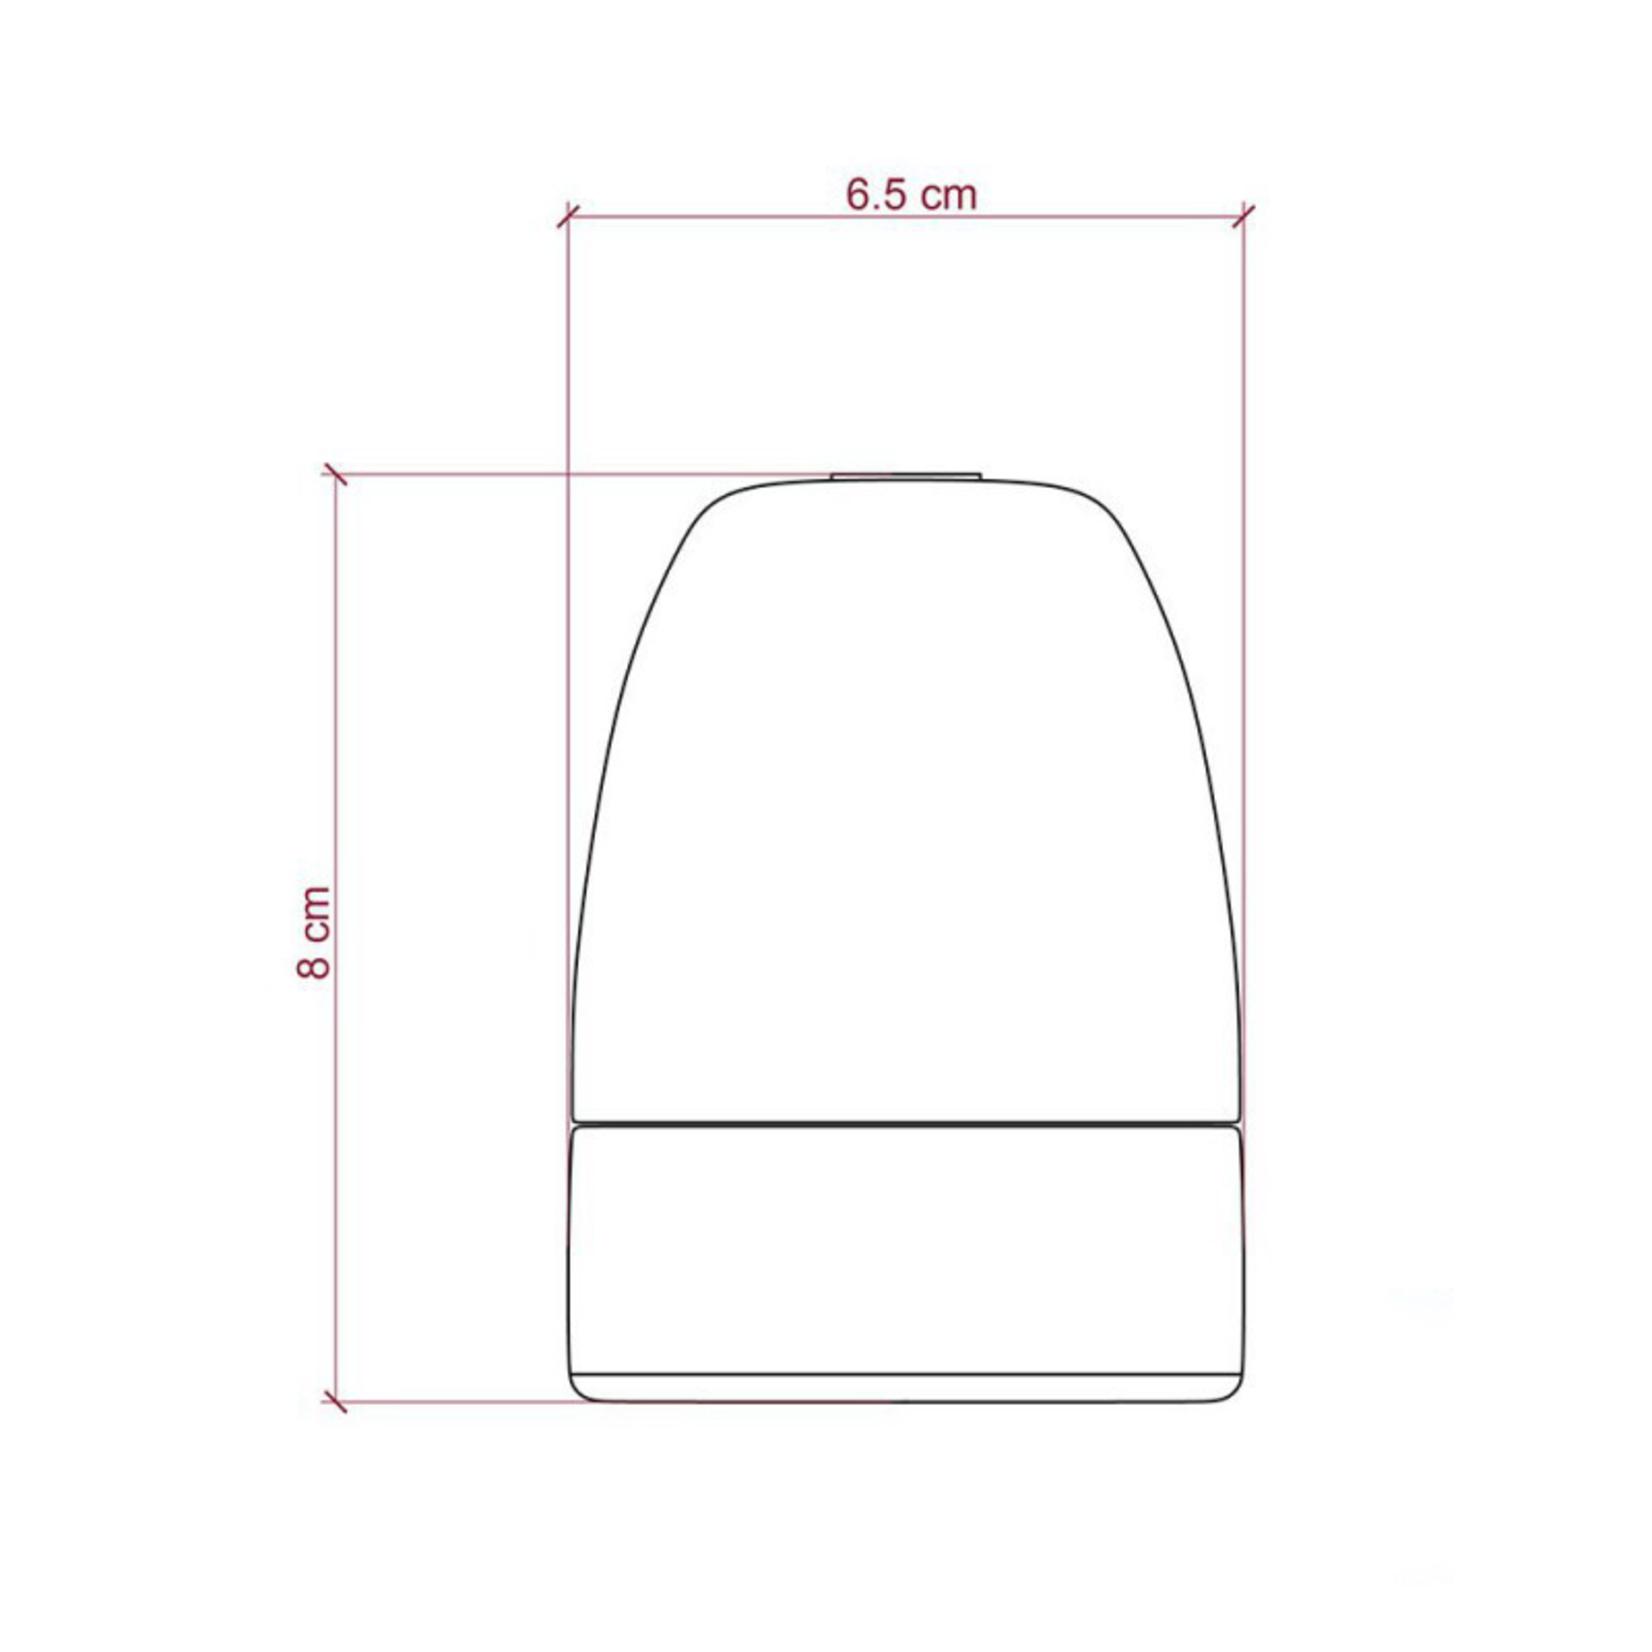 CCIT Black Porcelain E40 lamp holder kit